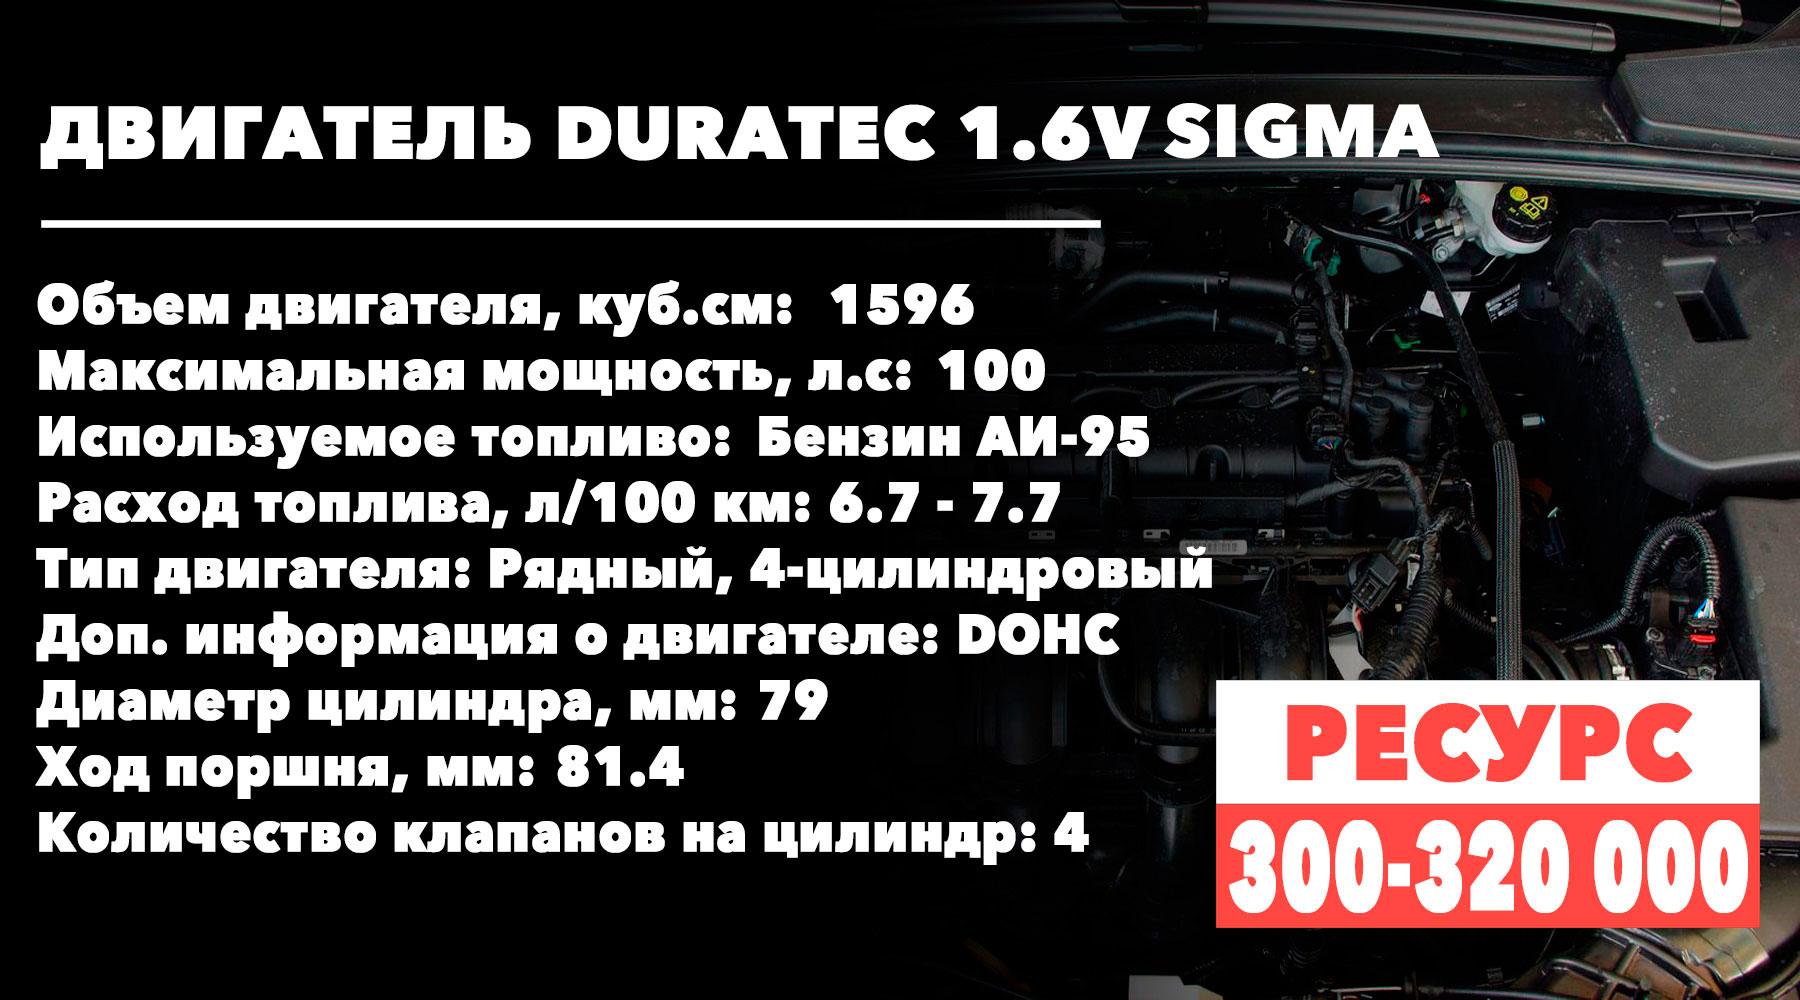 Срок службы 1.6 литровых моторов Ford-Focus (1.6V SIGMA)